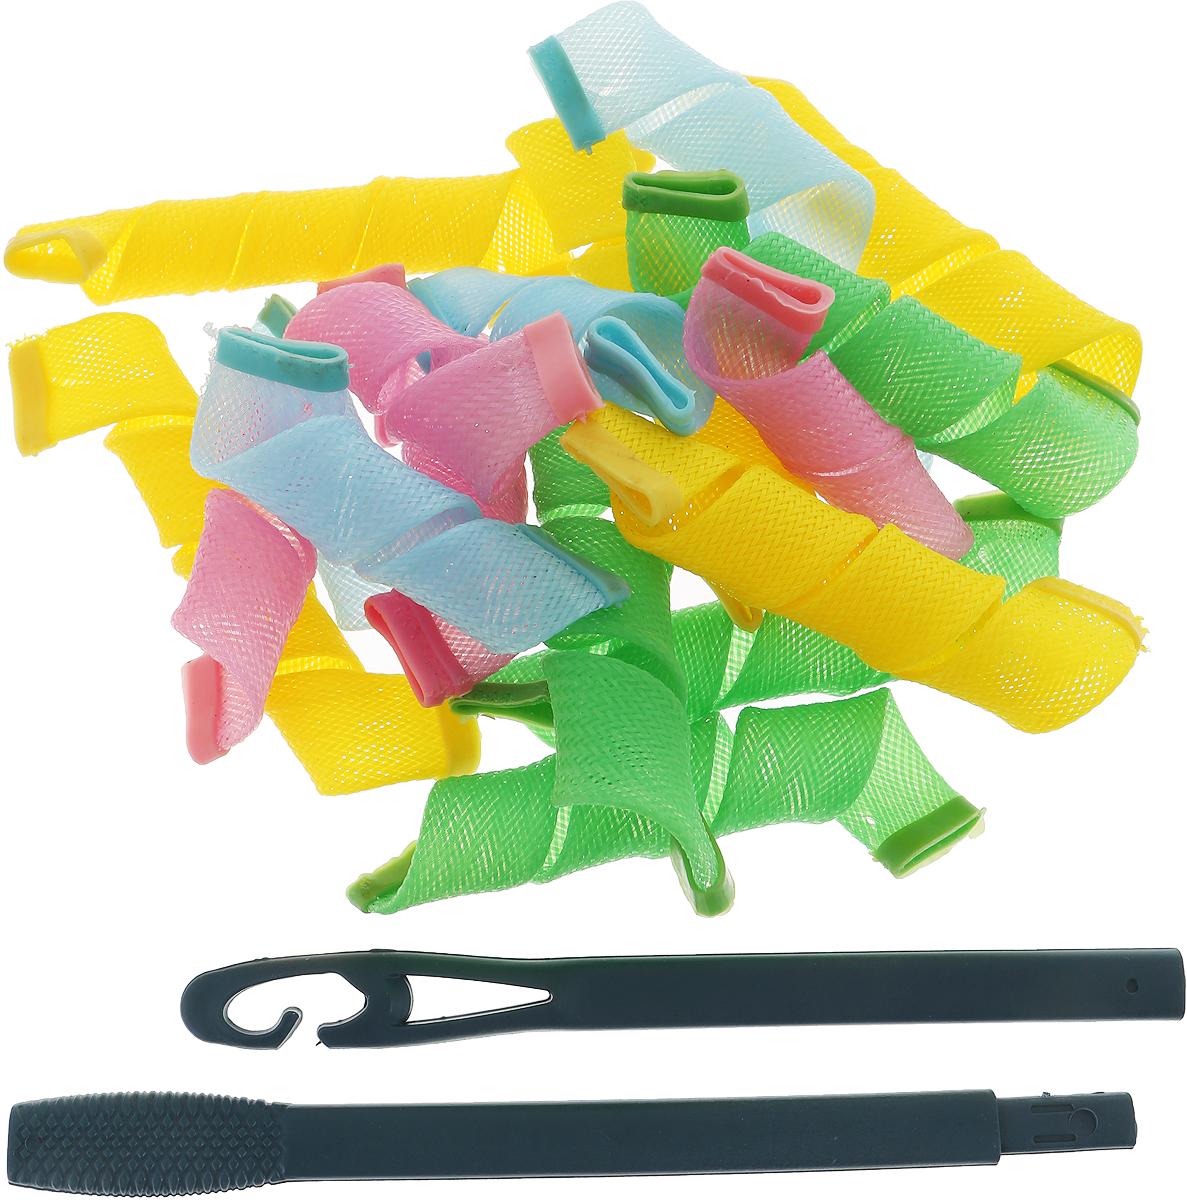 Magic Leverag Бигуди средние 25 см, 18 шт., цвет: желтый, зеленый, голубой, розовыйСр25_желтый, зеленый, голубой, розовыйНабор бигудей Magic Leverage является простым и легким способом всегда выглядеть безупречно стильно! Magic Leverage выполнены из прочных полимерных волокон с силиконовыми наконечниками, что позволяет имслужить долго, выдерживают температуру 100°C и подходят как для укороченных, так и для длинных волос. Ваша прическа зависит только от вашей фантазии и настроения!Преимущества волшебных бигудей Magic Leverag:Создают большой объем.Удобны и легки в использовании. Справится даже ребенок! Подходят какдля коротких, так и для длинных волос (в комплекте бигуди подлиннее и покороче).Позволяют легкоконтролировать направление и равномерность укладки без заломов.Обеспечивают бережное отношение кволосам.Смена имиджа за час.Процесс накручивания бигудей Magic Leverage никогда не утомит вас. Экономия времени и денег на дорогих салонах.Возможны любые прически: от струящихся локонов, дофиксированных вечерних и свадебных причесок.Волшебные бигуди Magic Leverage - это здороваяальтернатива химической завивке.К бигудям прилагается специальный крючок для протягивания пряди внутрь бигуди. Характеристики:Материал: полиэстер, силикон, пластик. Длина большей бигуди (в нерастянутом виде): 13 см.